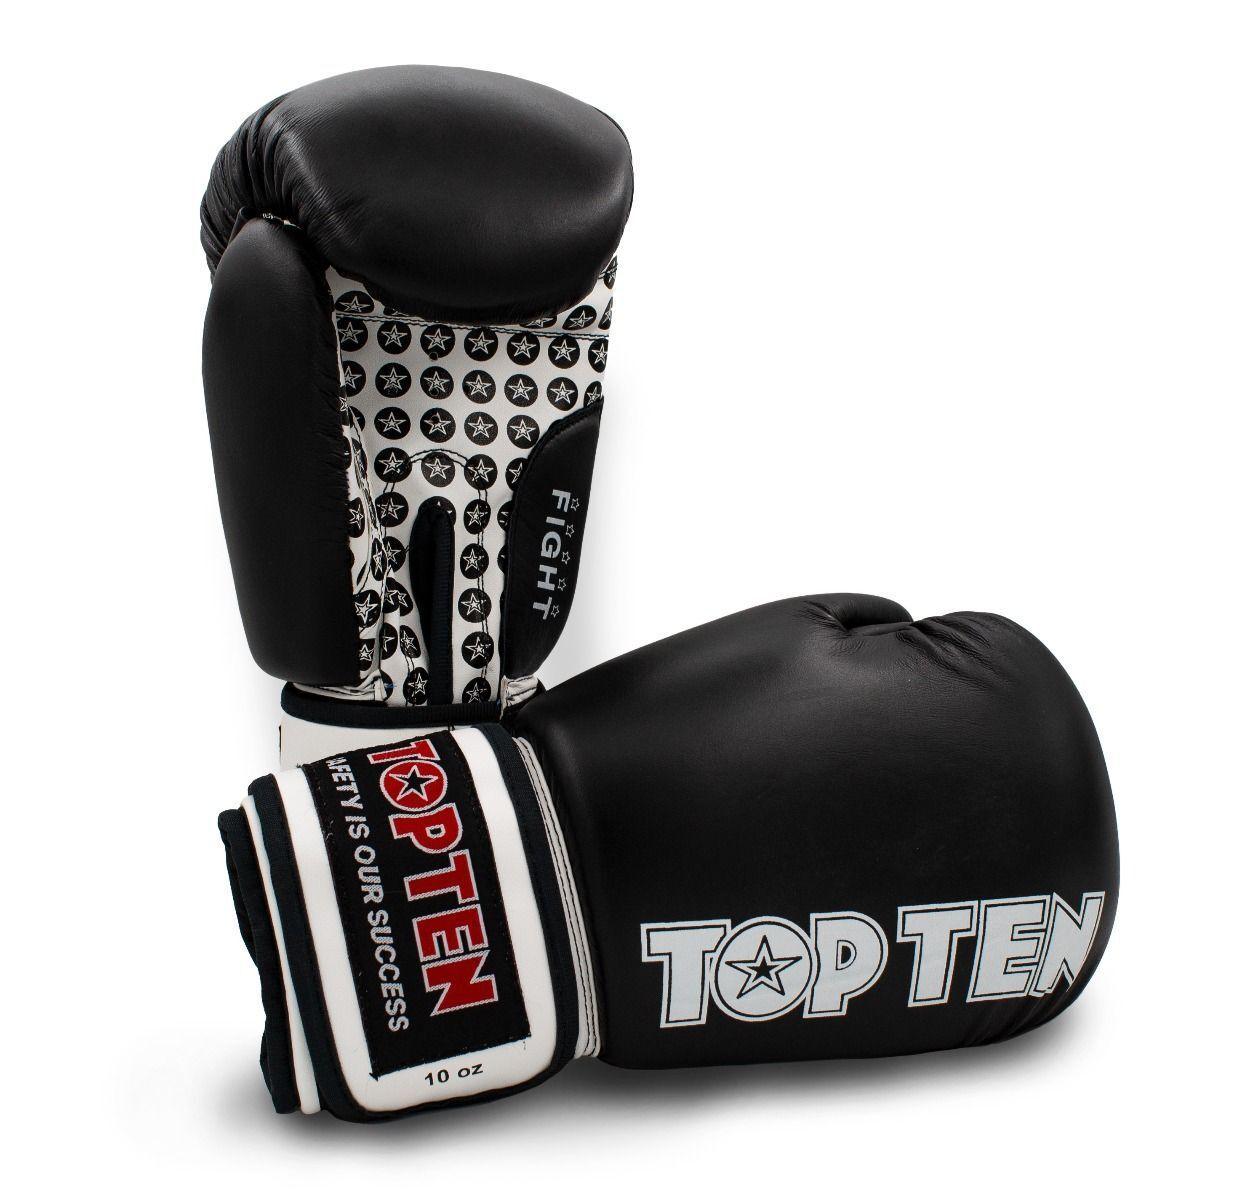 TOP TEN LEDER Boxhandschuhe FIGHT FIGHT FIGHT schwarz Box-Handschuhe WAKO ZULASSUNG 7dd46d